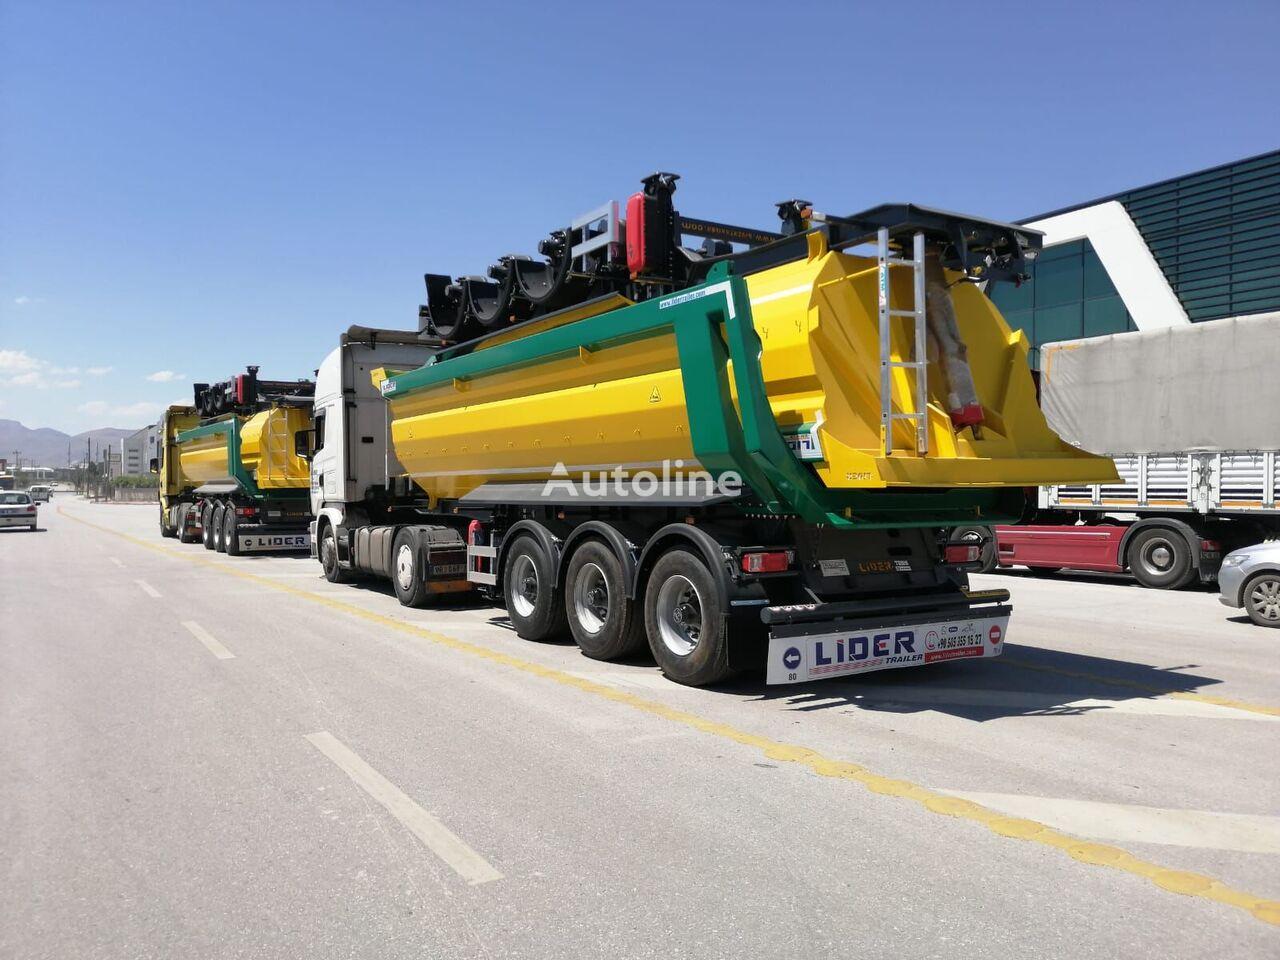 جديدة العربات نصف المقطورة شاحنة قلابة LIDER 2021 NEW DIRECTLY FROM MANUFACTURER STOCKS READY IN STOCKS